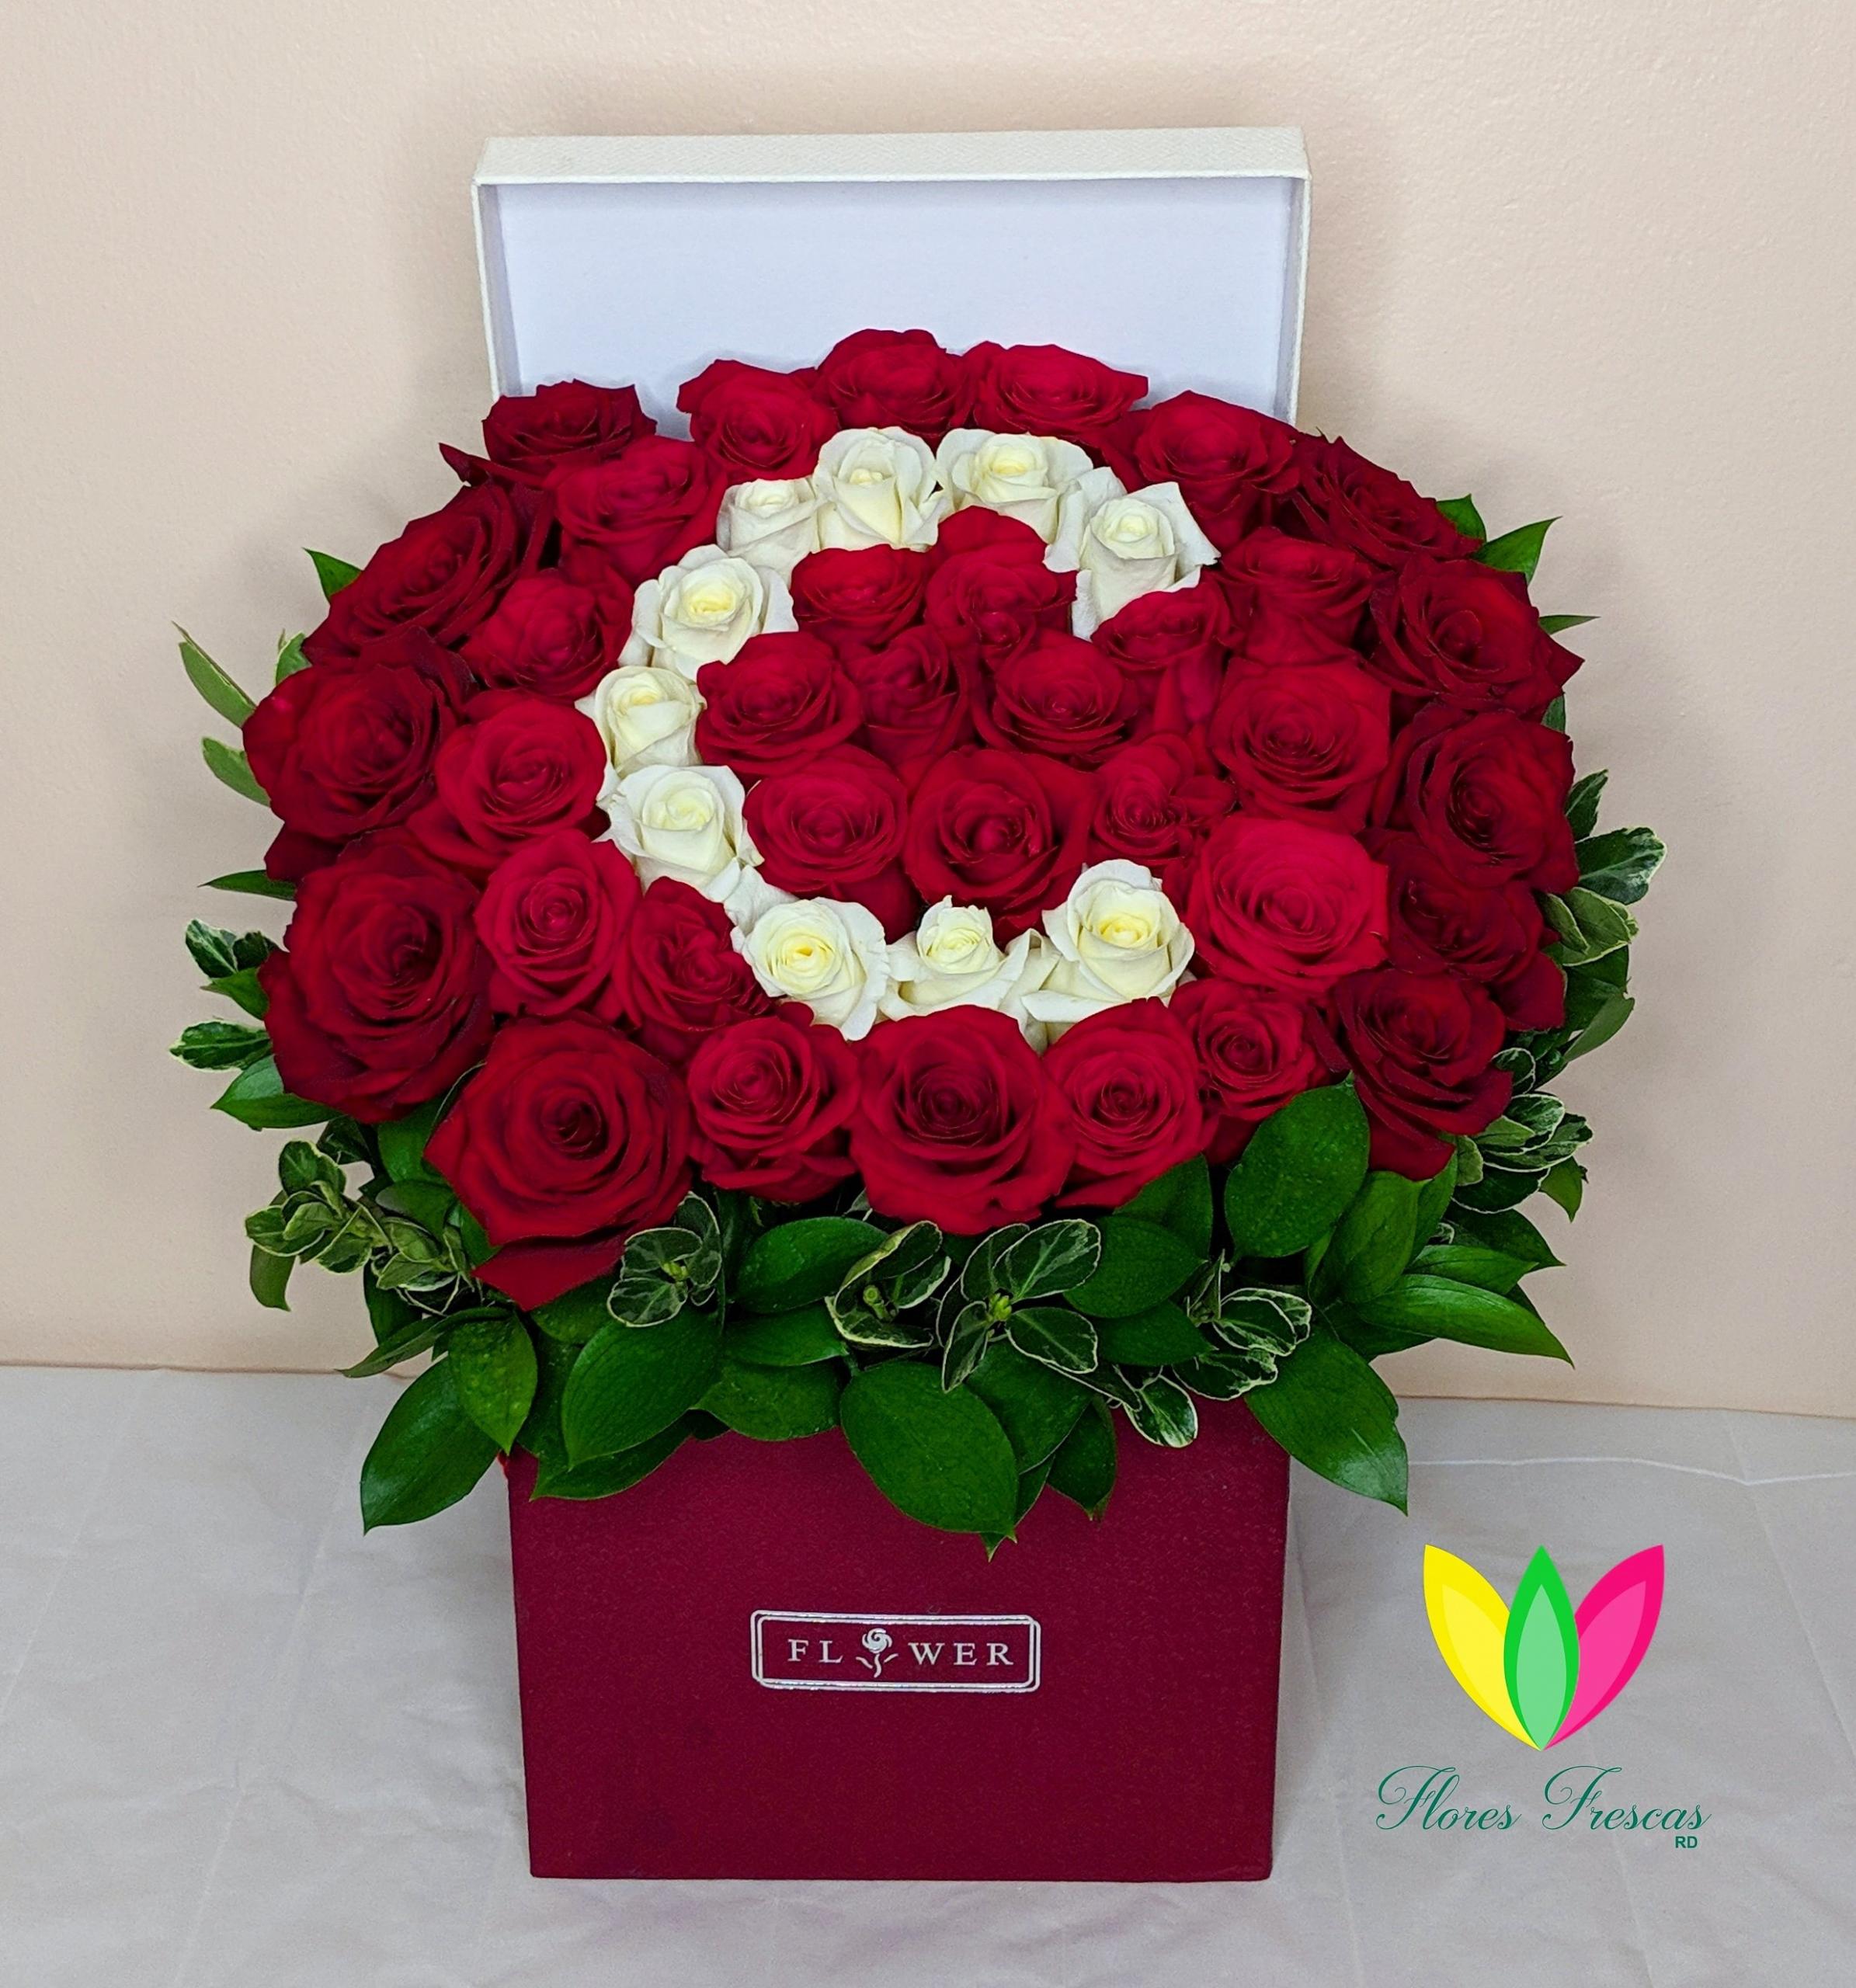 Floristería Flores Frescas RD